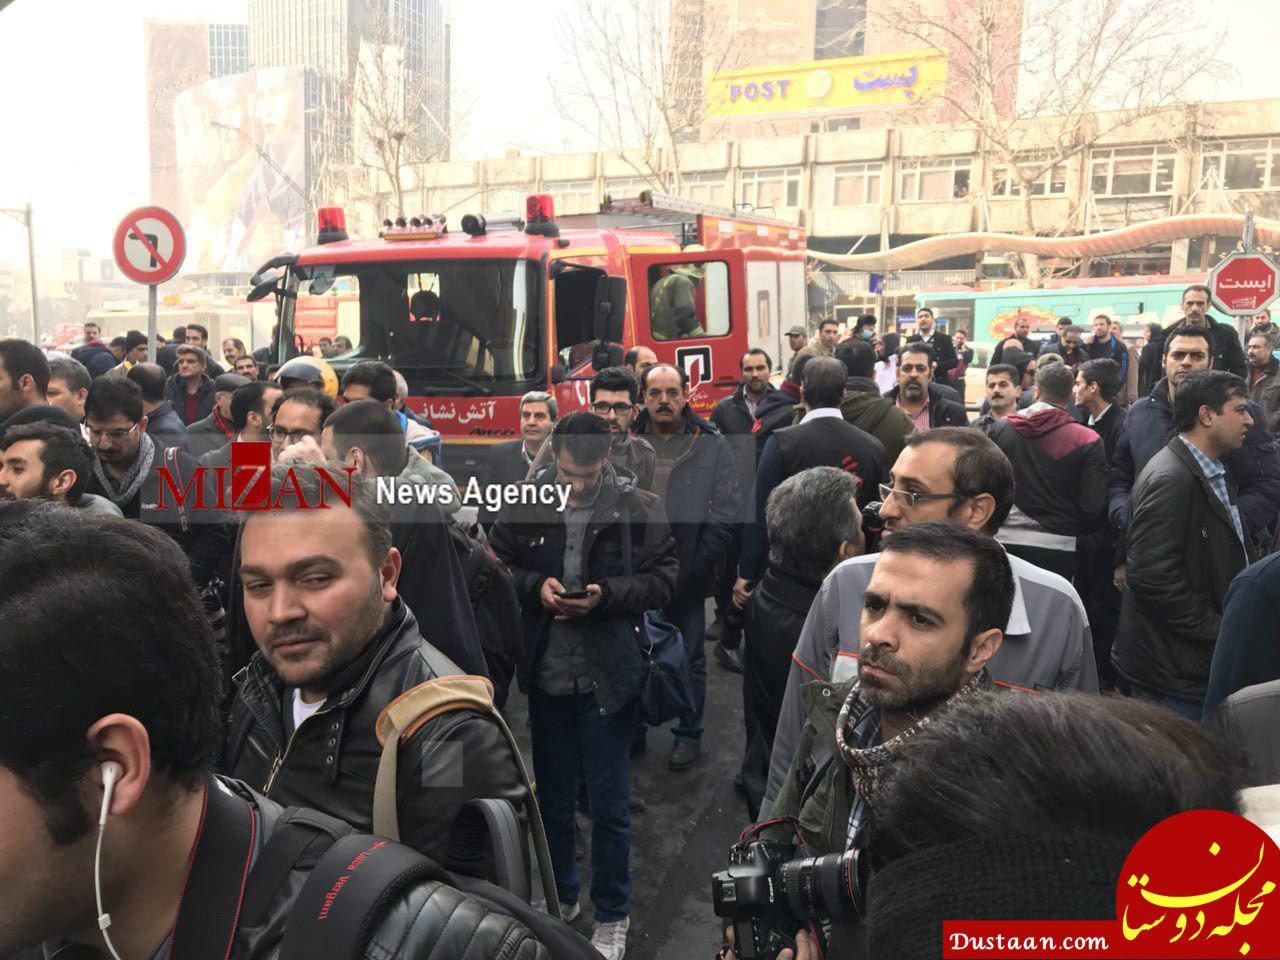 www.dustaan.com آخرین اخبار از آتش سوزی ساختمان وزارت نیرو در تهران +تصاویر و فیلم